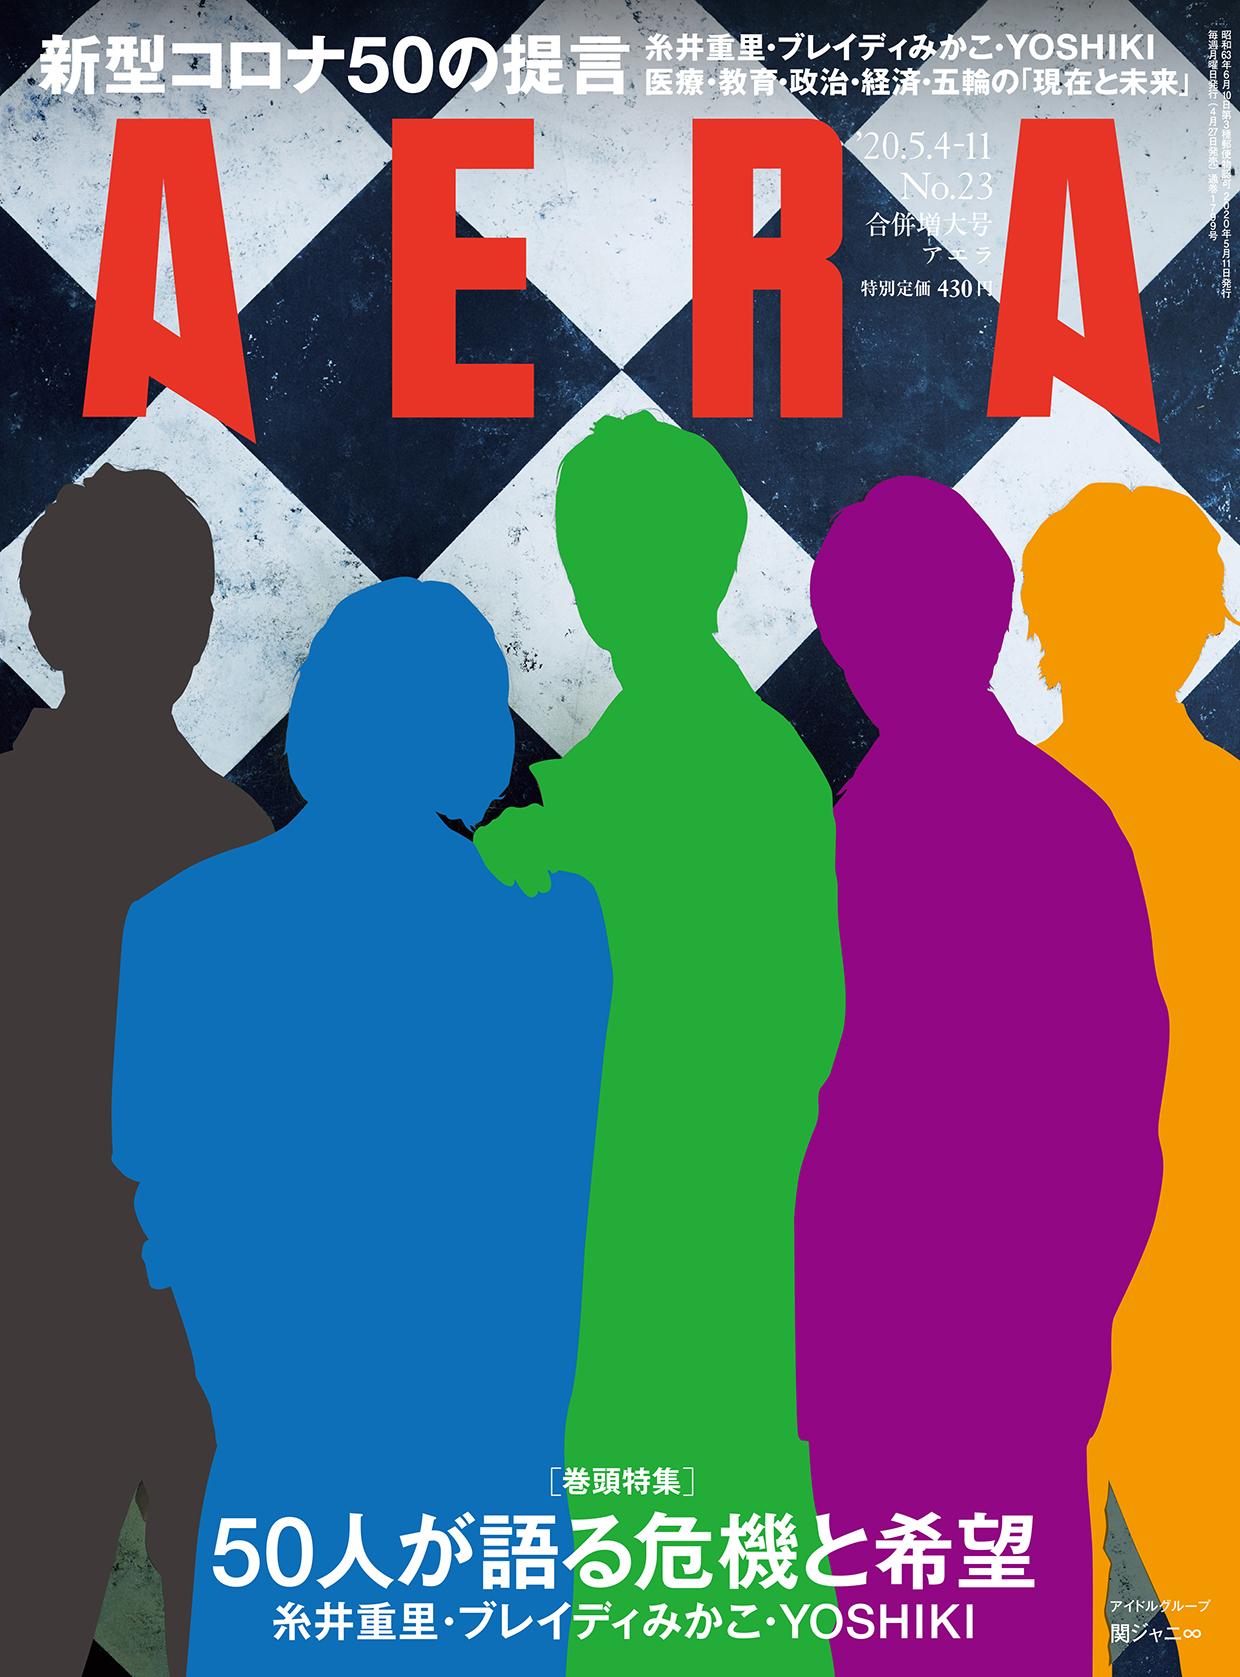 関ジャニ∞、グループやメンバーの関係性を語る「特別な場所」